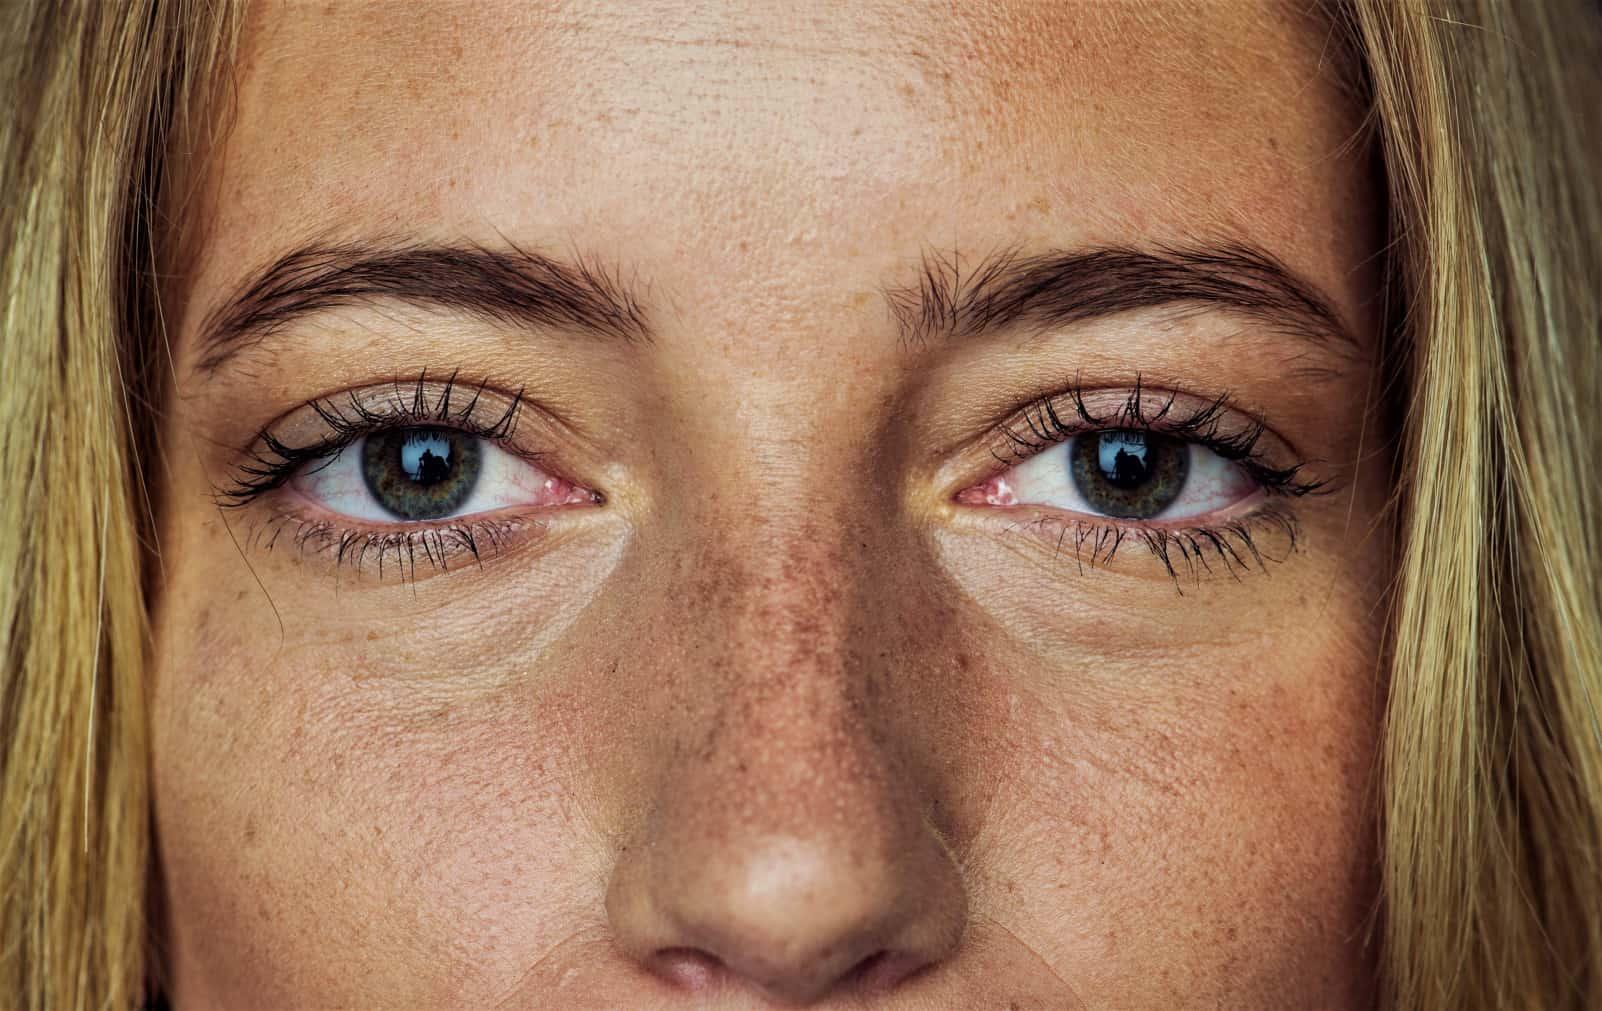 Помимо кремов и процедур: как избавиться от кругов под глазами